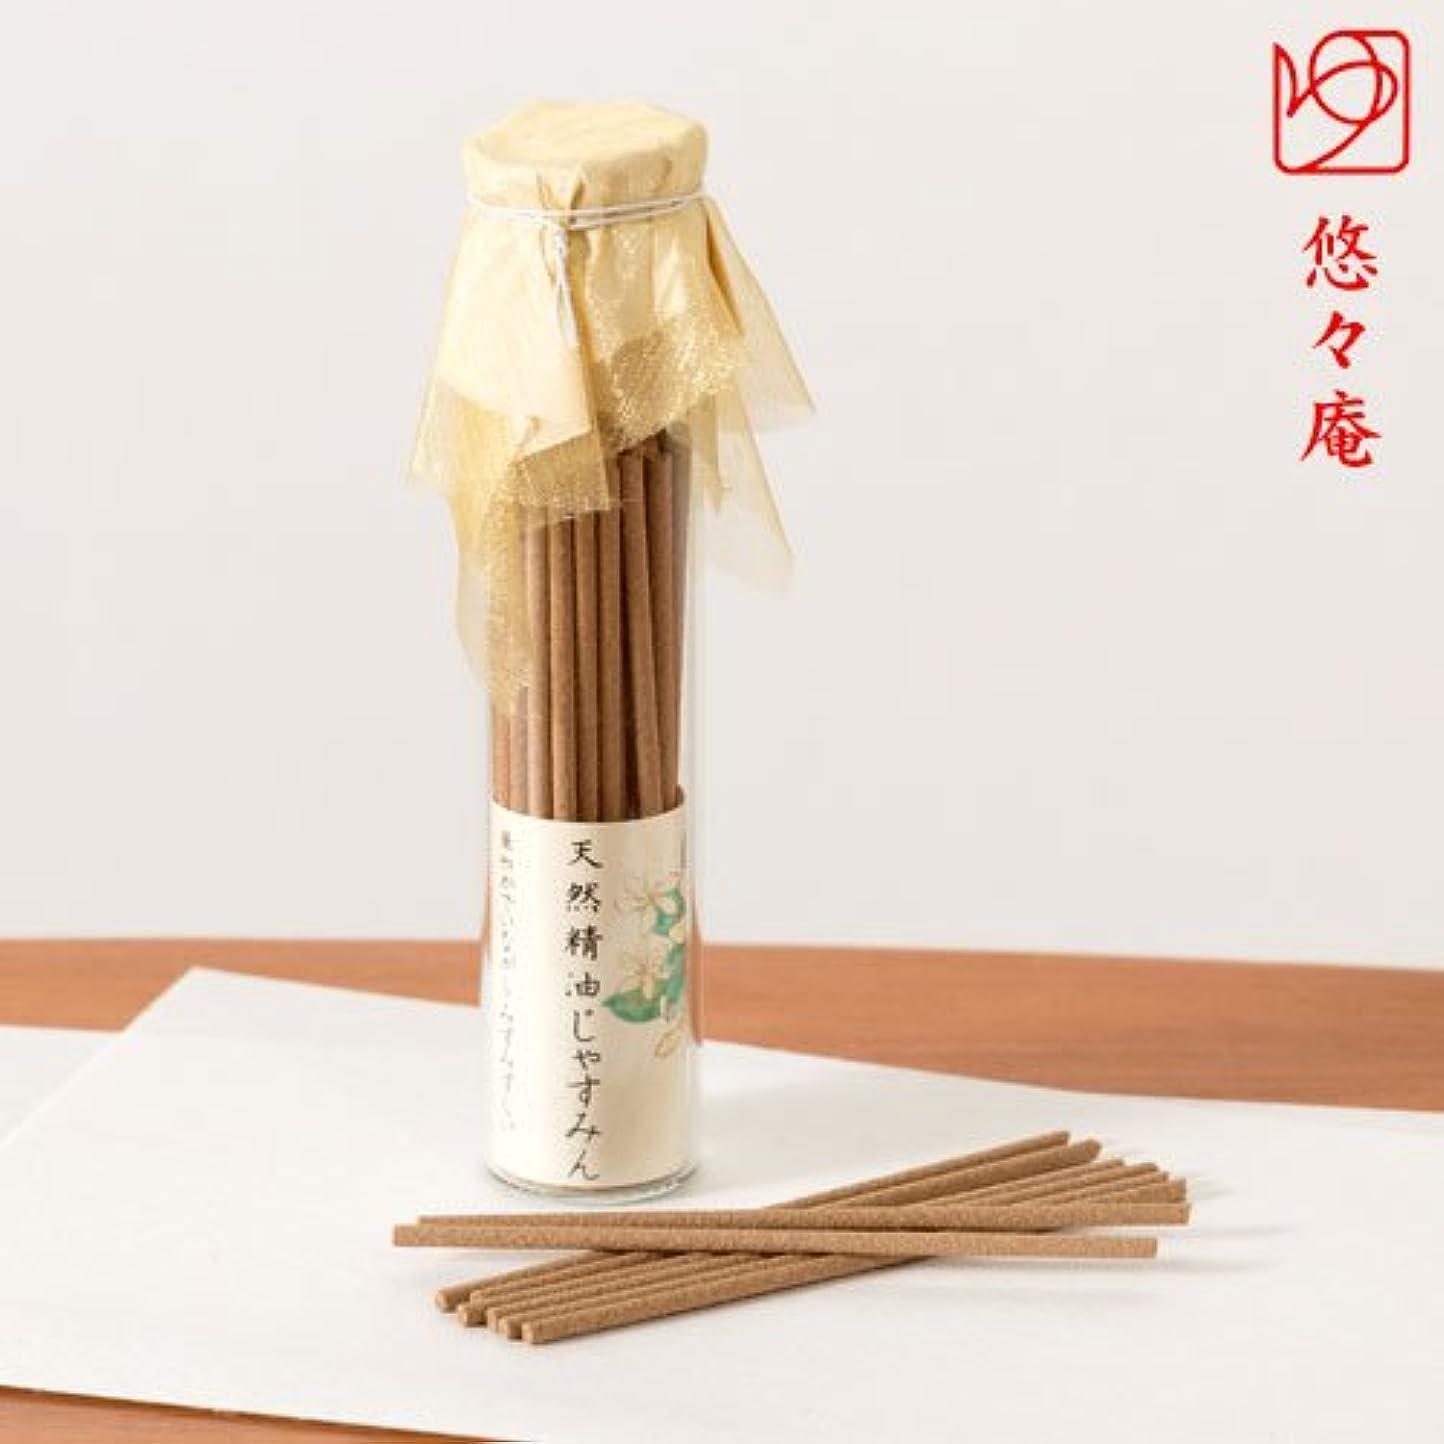 例外操縦する小康スティックお香天然精油のお線香窓辺のじゃすみんガラスビン入悠々庵Incense stick of natural essential oil